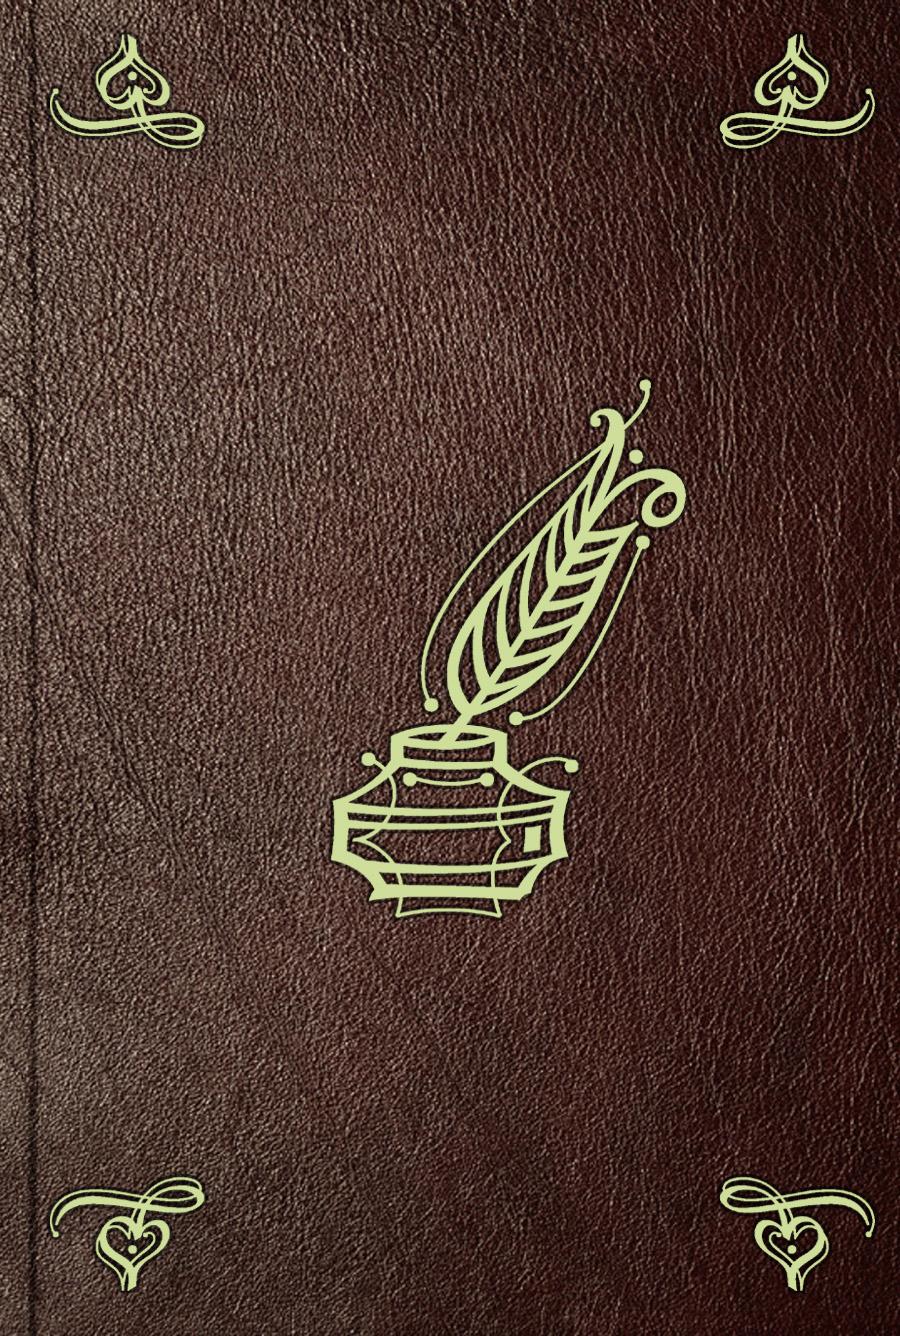 Эрнст Гофман E. T. A. Hoffmann's Ausgewählte Schriften Bd. 4 christian jacob kraus vermischte schriften über staatswirtschaftliche philosophische und andere gegenstände bd 4 t 2